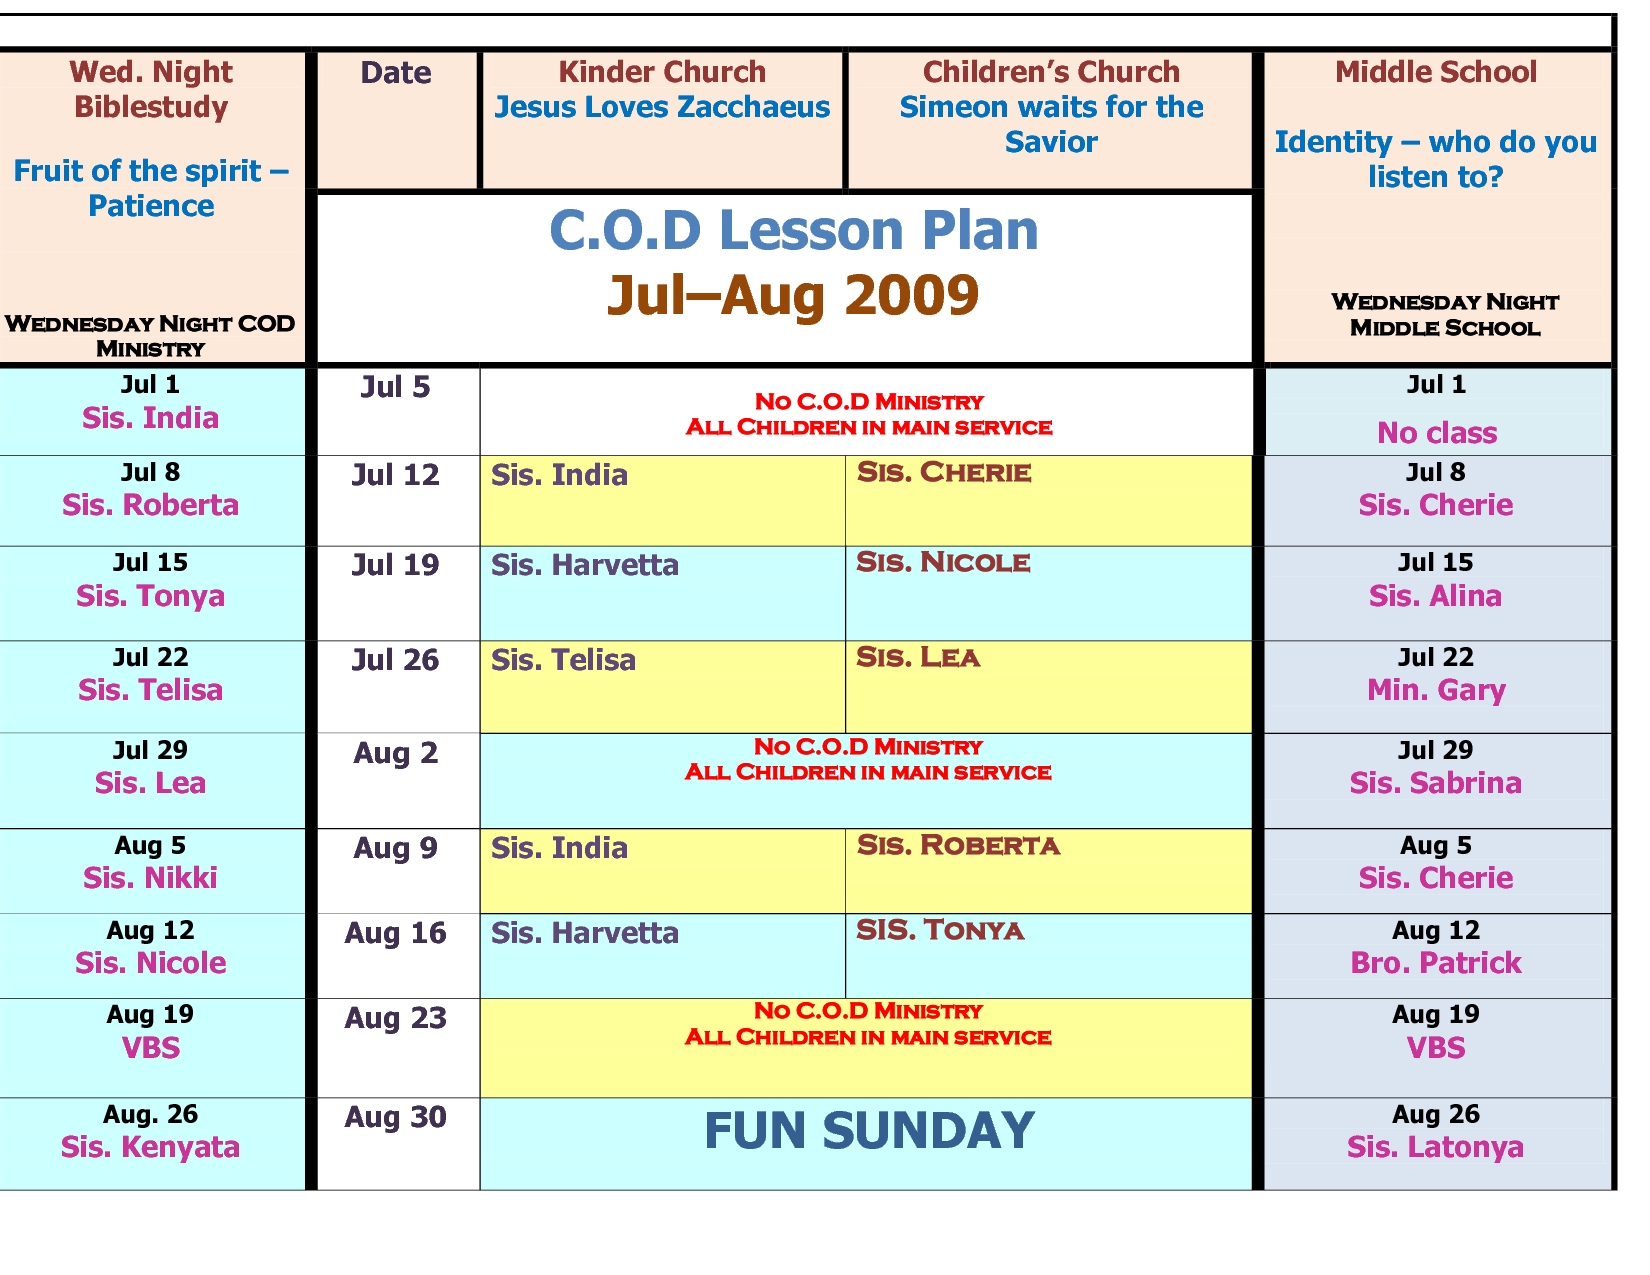 Children's Church Schedule Template - Google Search  Church Calendar Template